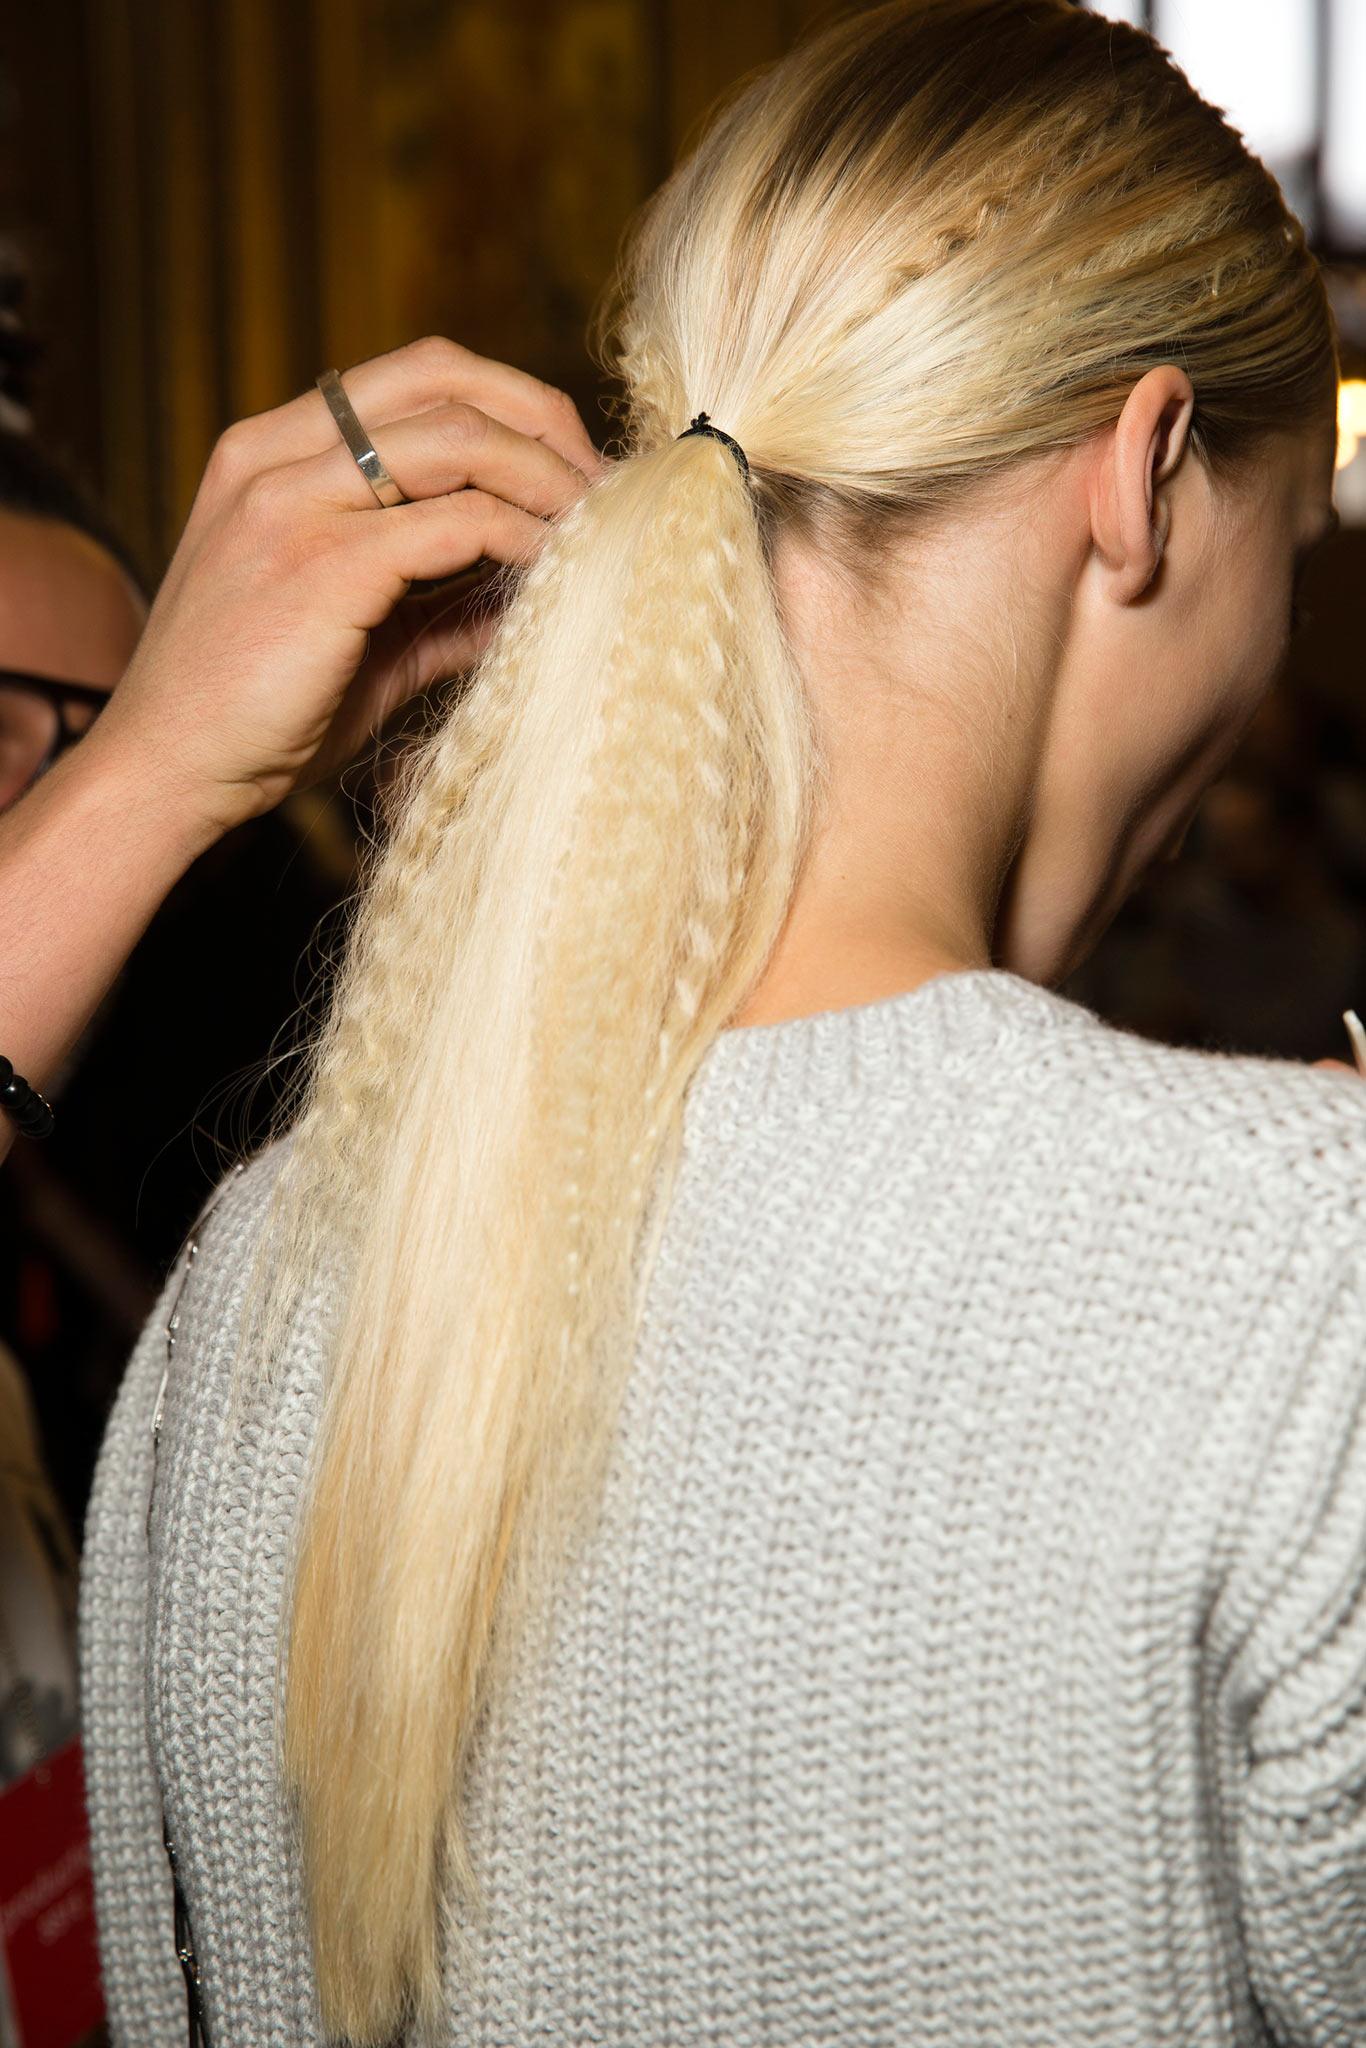 Nádherné blond vlasy oživí krepovačkou strukturované prameny vlasů stažené do módního, nízko posazeného copu. (Módní přehlídka Stella McCartney, RTW S/S 2015.)